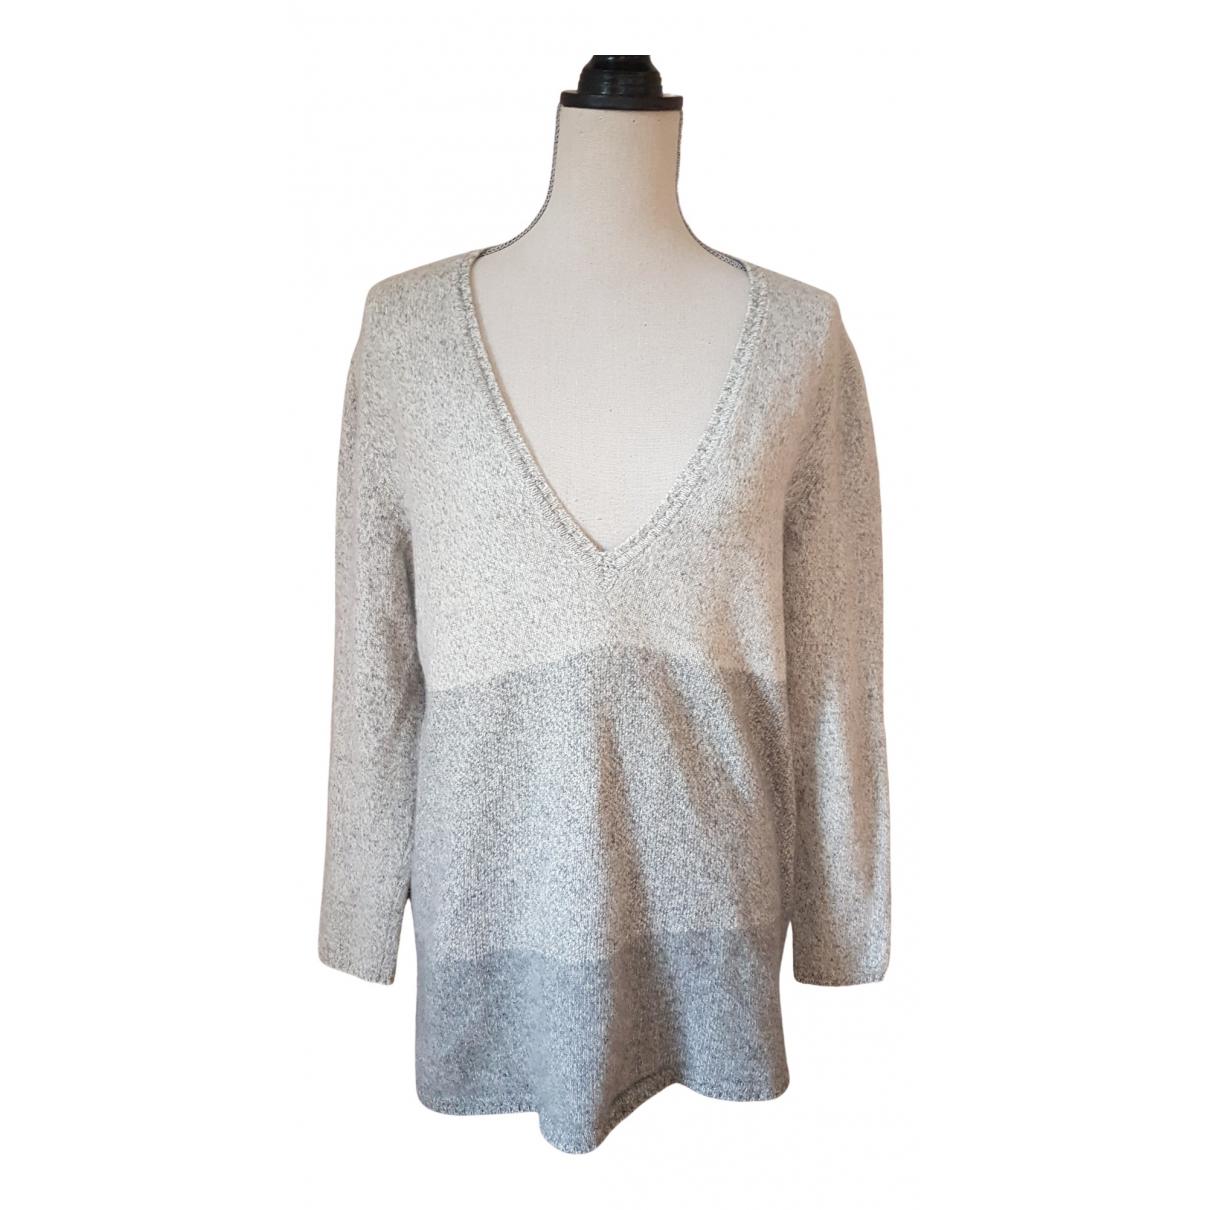 Eric Bompard N Grey Cashmere Knitwear for Women 38 FR